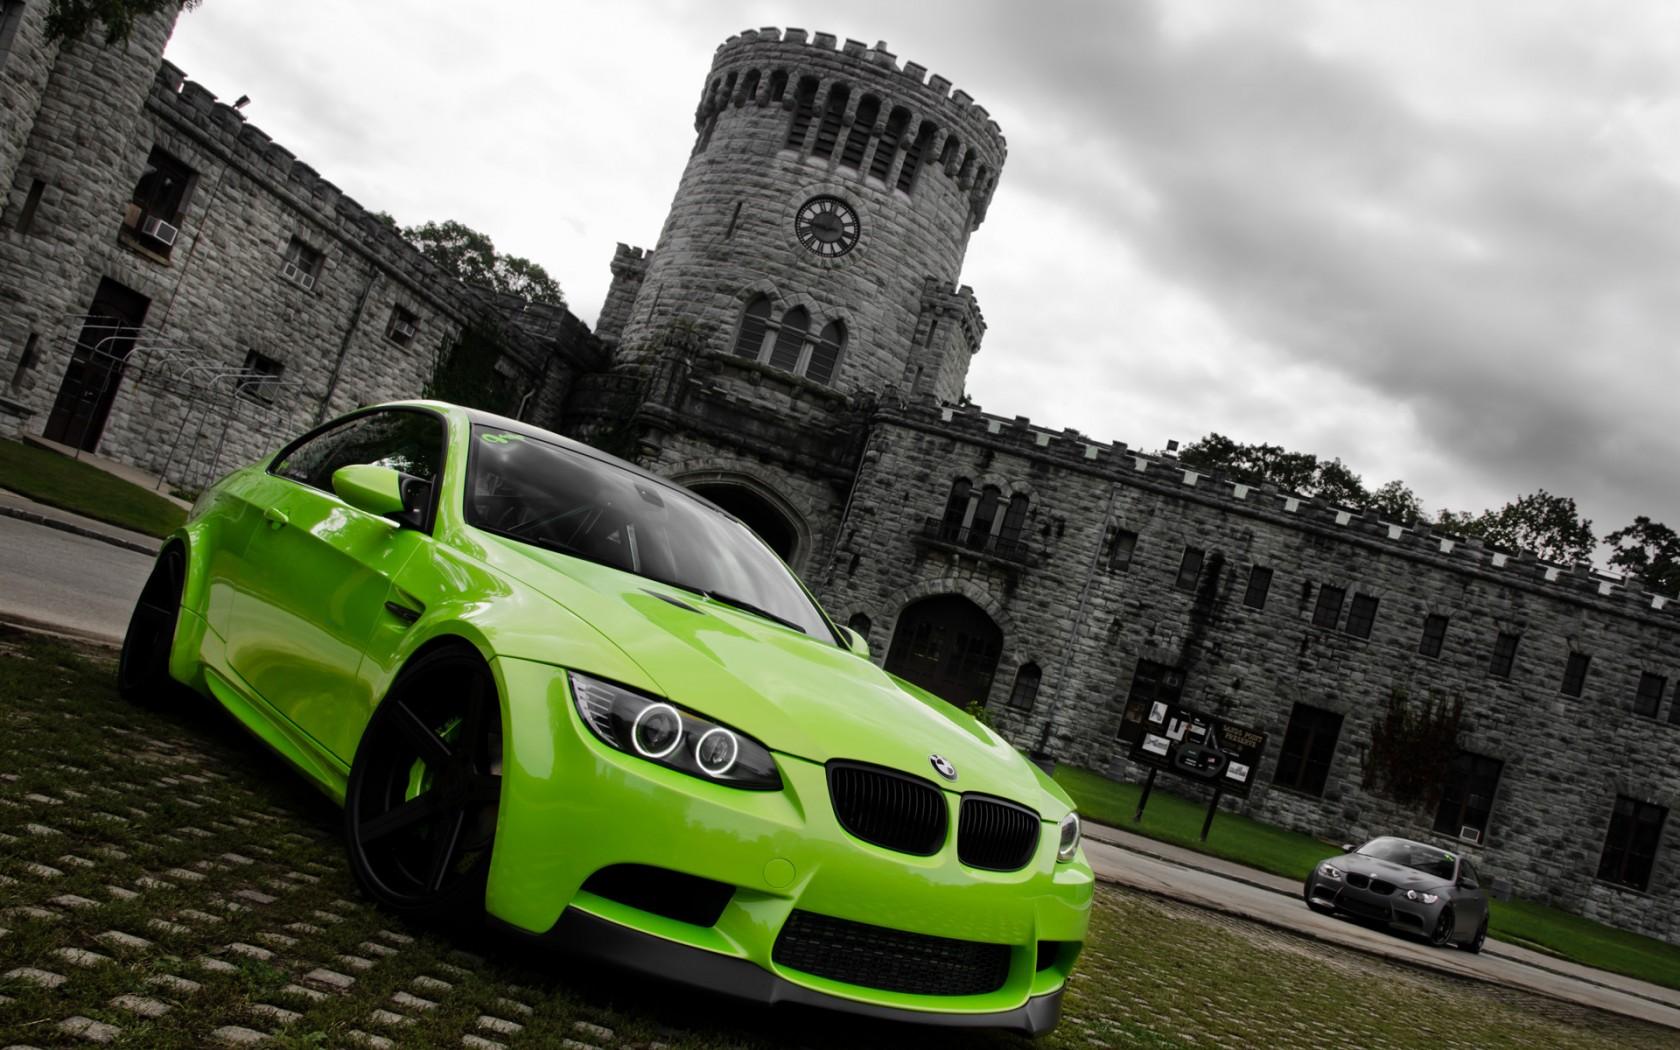 Green BMW M3 Wallpaper HD Car Wallpapers ID 2576